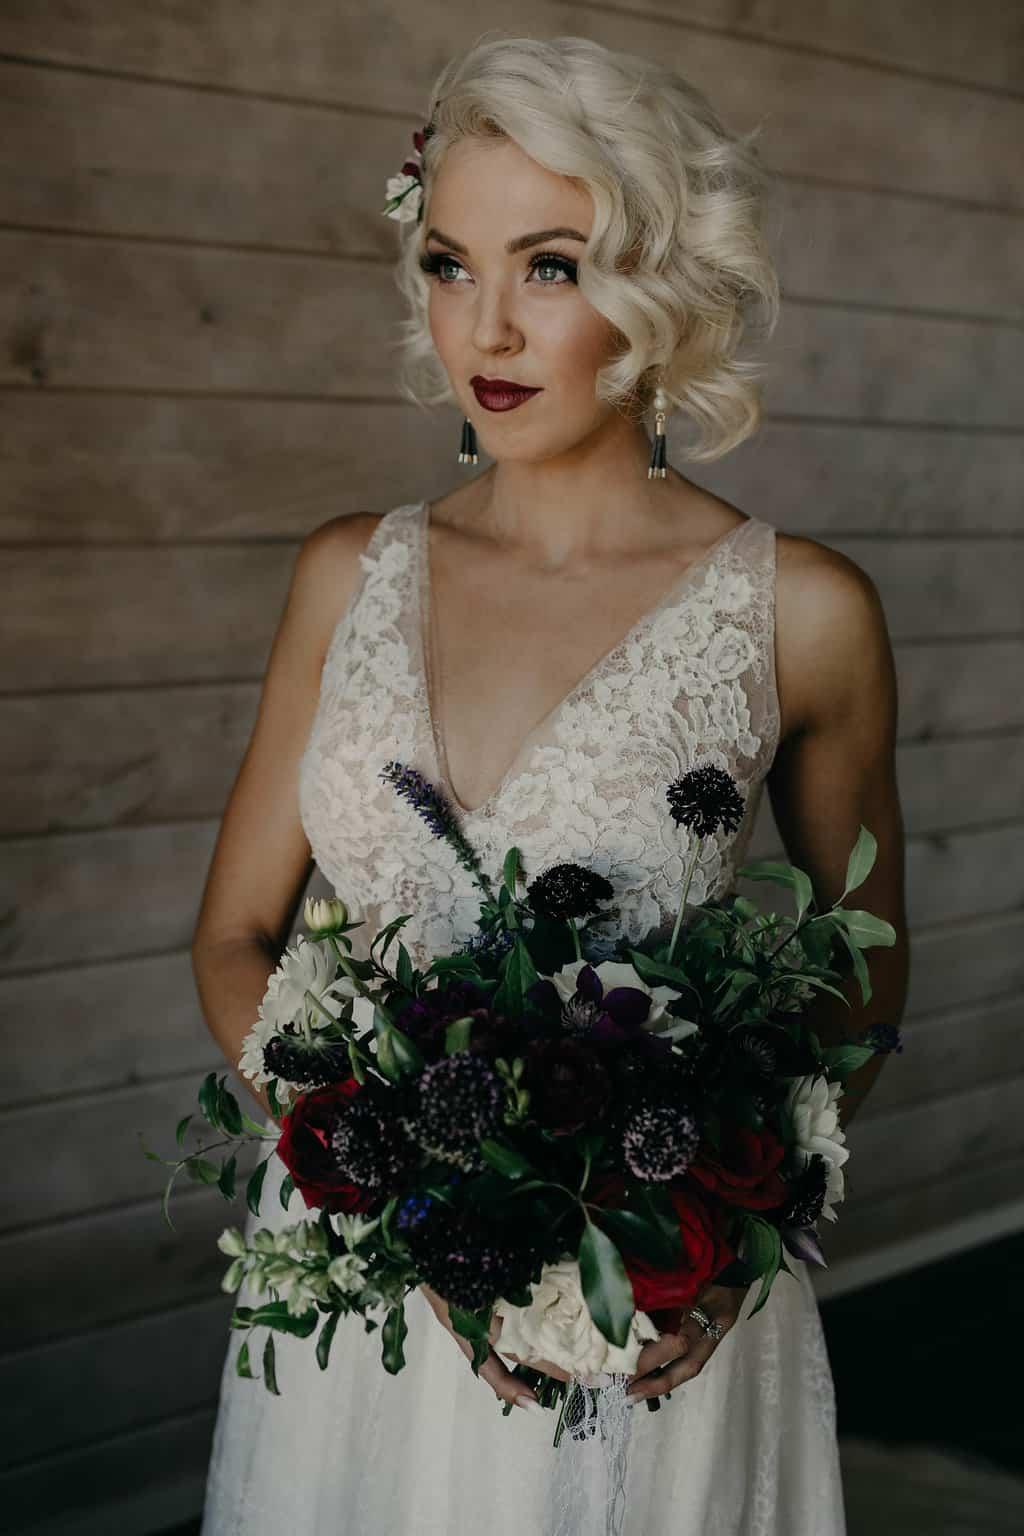 Alternative Bridal Makeup Artist LaDonna Stein